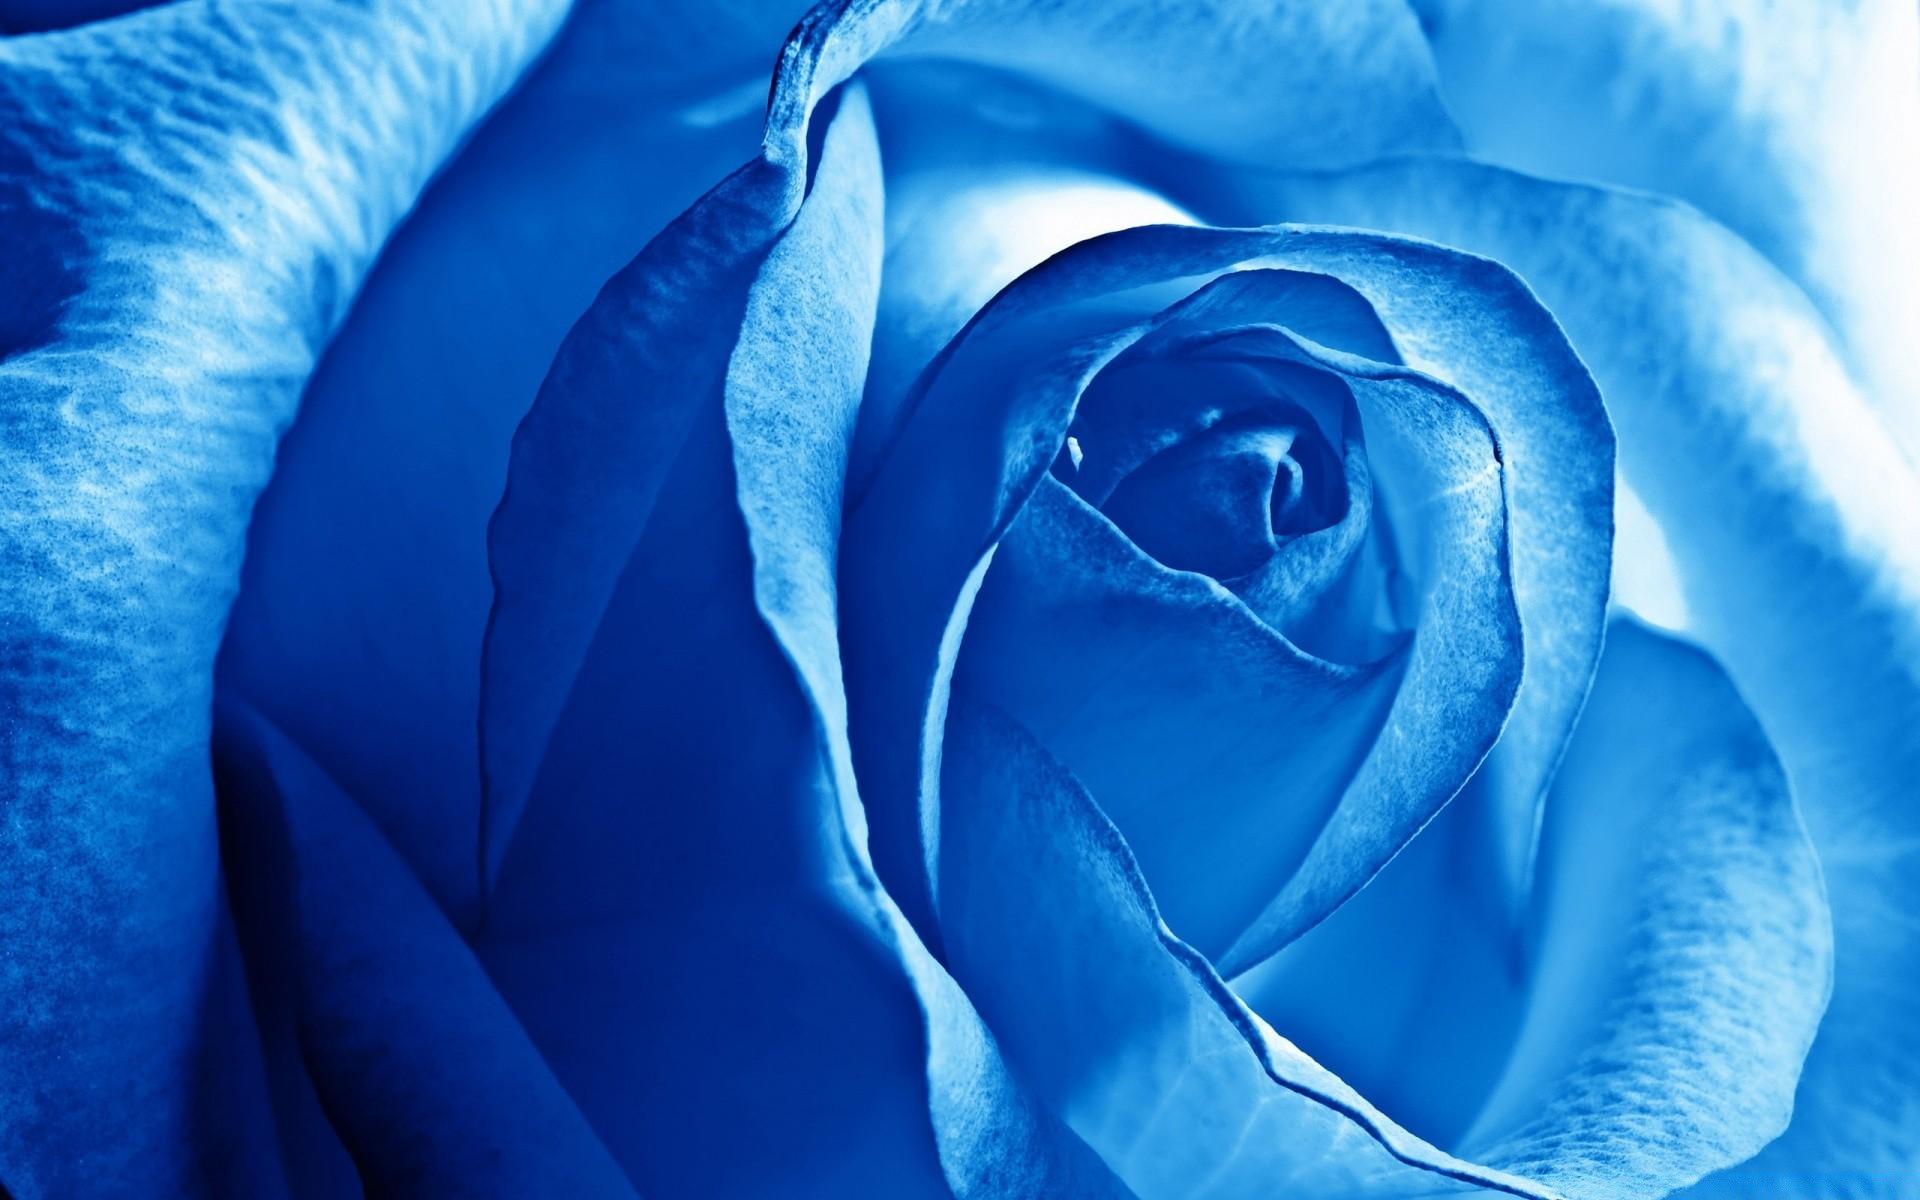 Обои на рабочий стол в голубом цвете